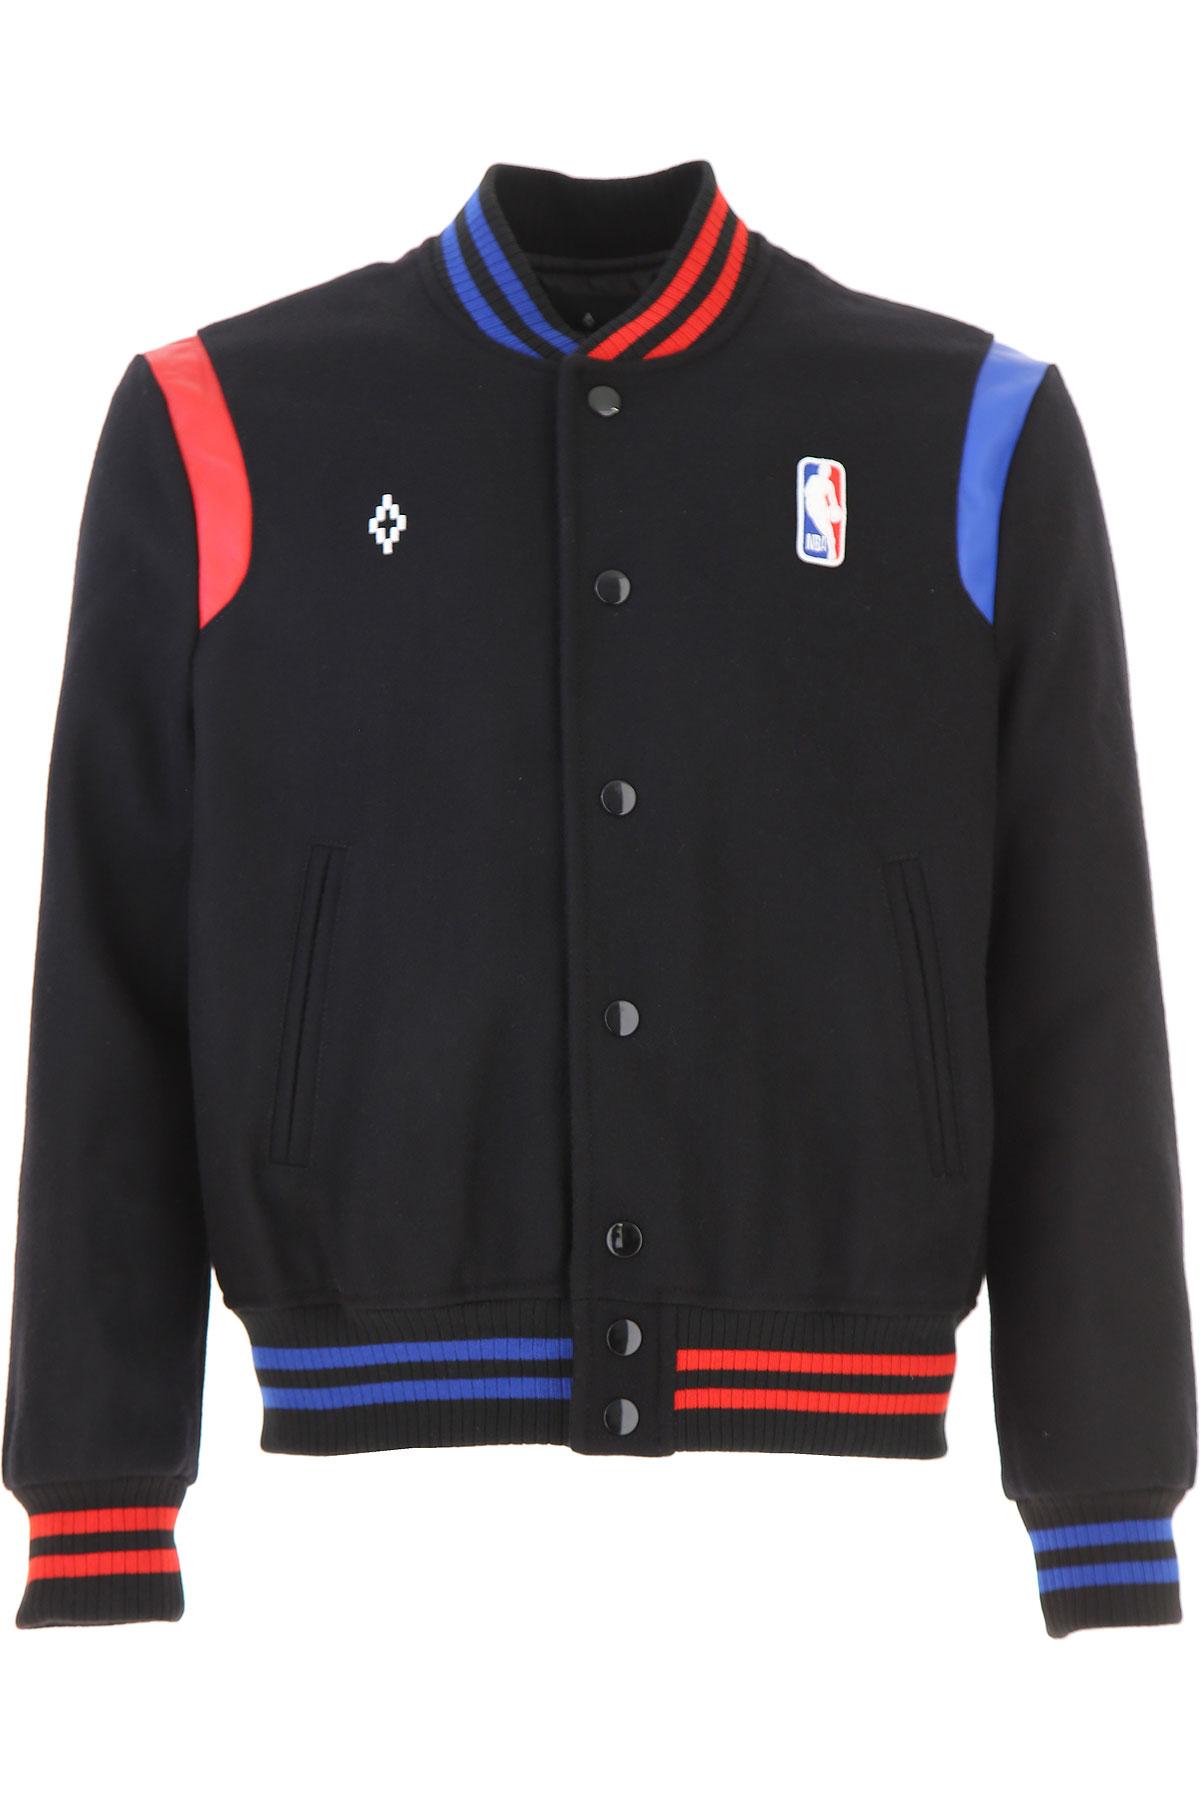 Marcelo Burlon Jacket for Men On Sale, Nba, Black, Wool, 2019, L S